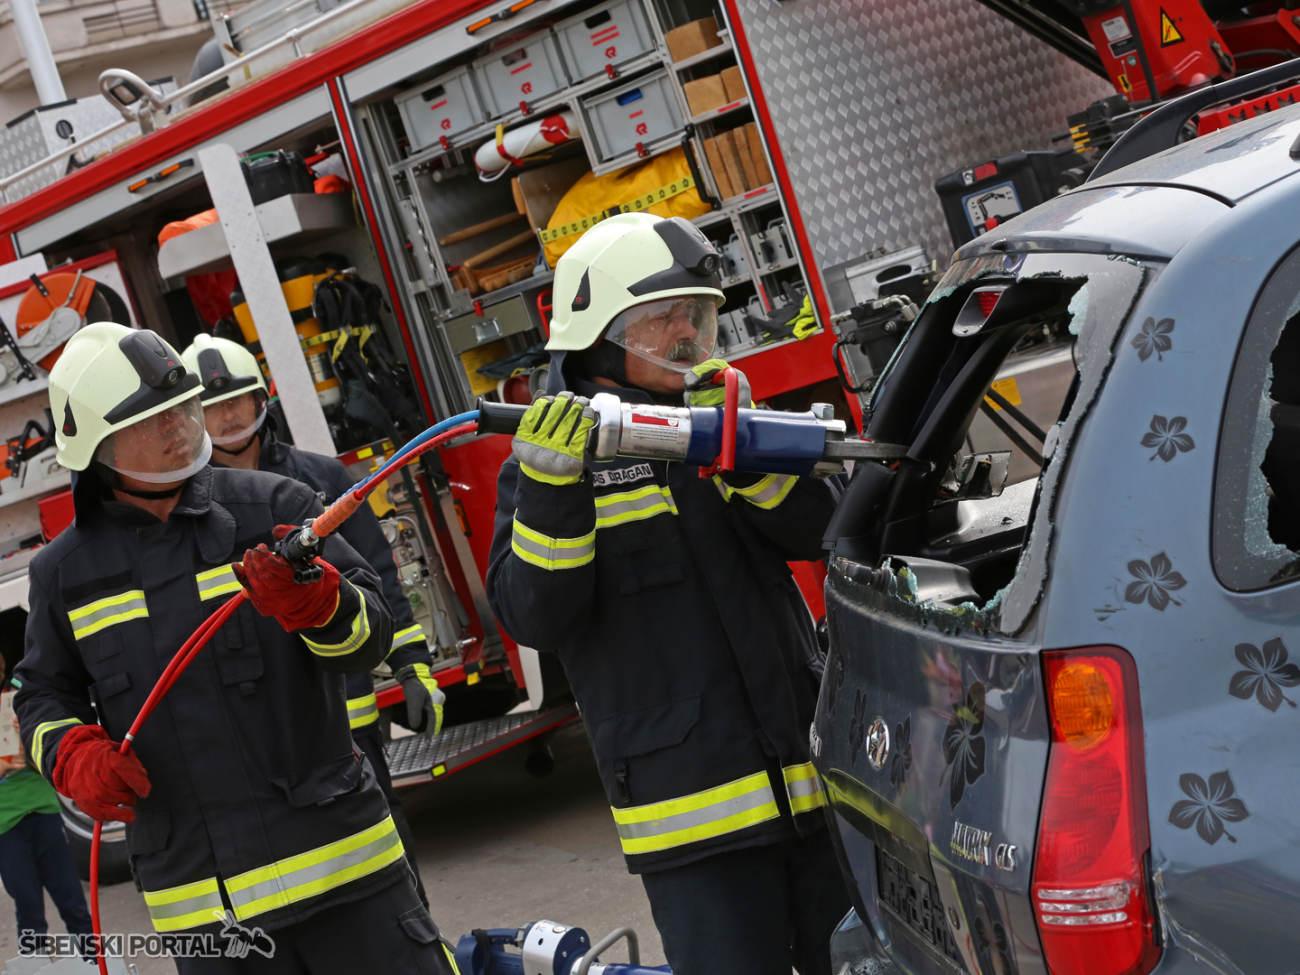 vatrogasci vjezba 010616 1